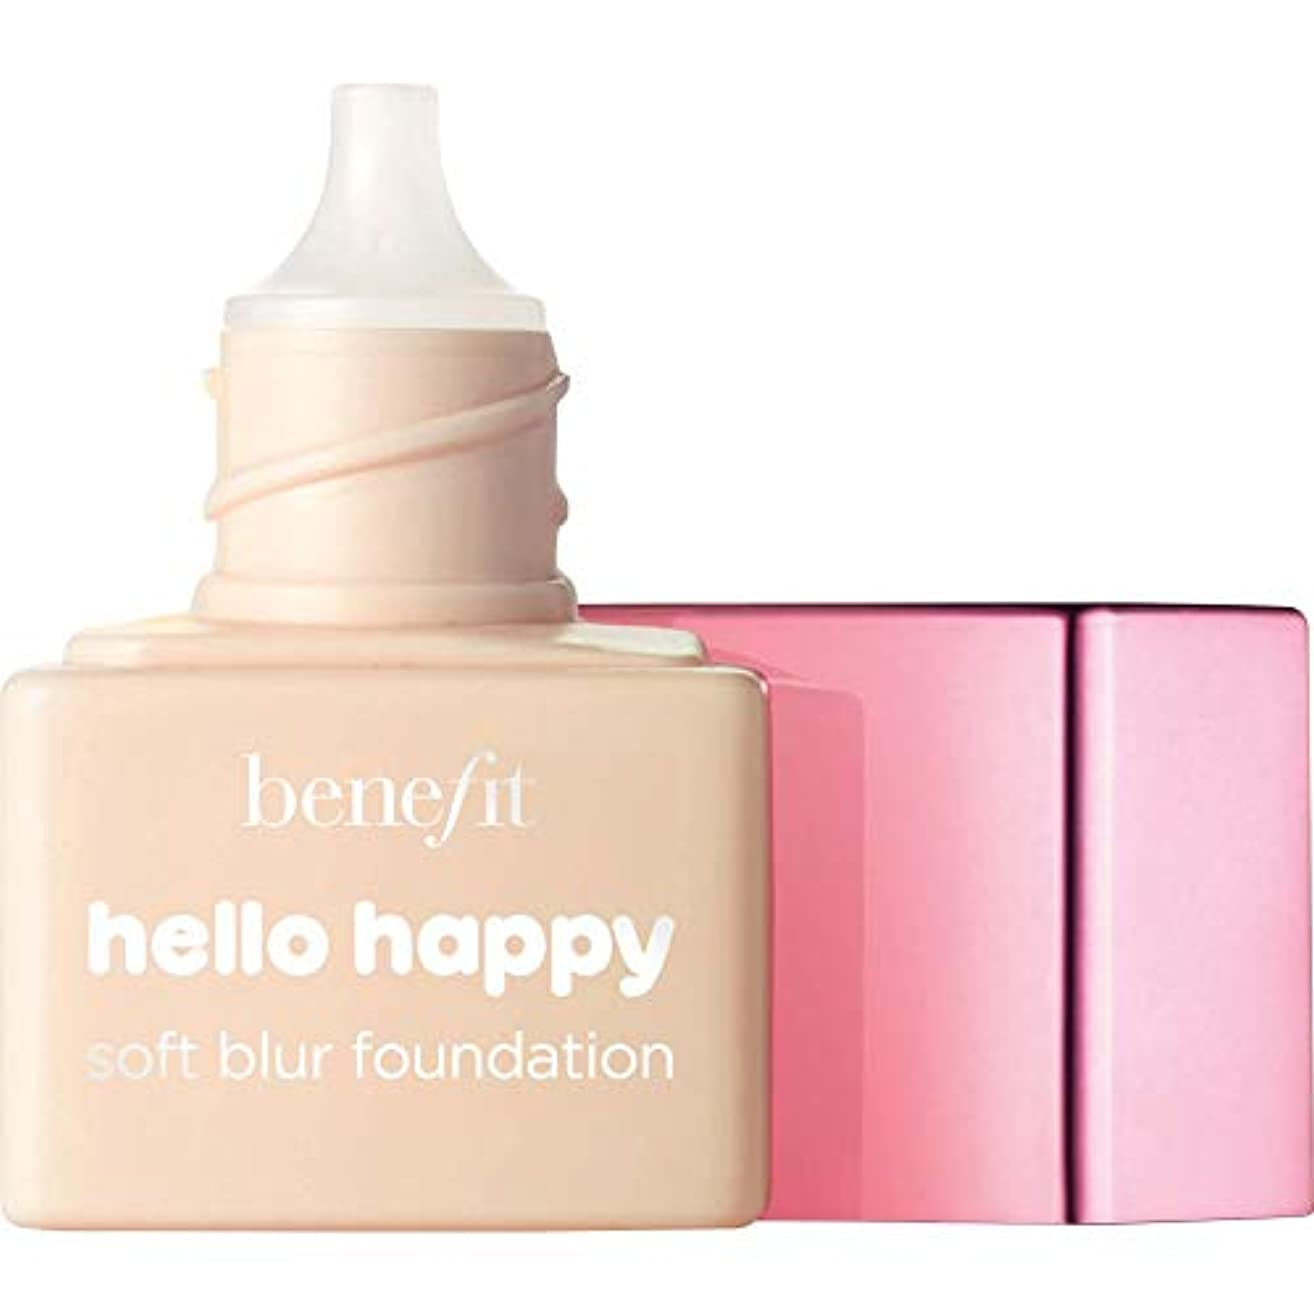 はぁ不機嫌そうなフルーティー[Benefit ] ミニ2 - - ハロー幸せソフトブラー基礎Spf15の6ミリリットルの利益に暖かい光 - Benefit Hello Happy Soft Blur Foundation SPF15 6ml - Mini...